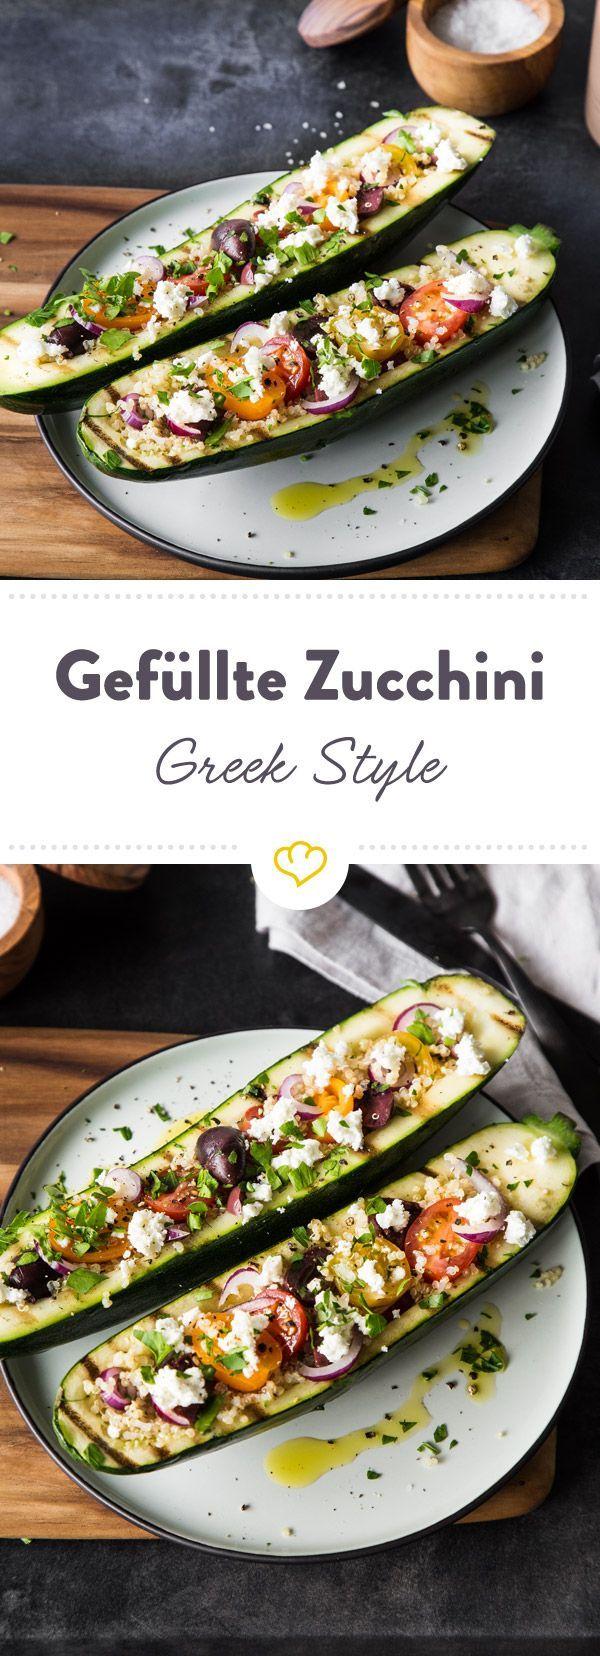 Diese Zucchini Greek Style werden erst gegrillt und dann mit Quinoa, bunten Tomaten, Oliven und Feta gefüllt. Low carb, glutenfrei und ... So köstlich! #healthyeatingvegetarian